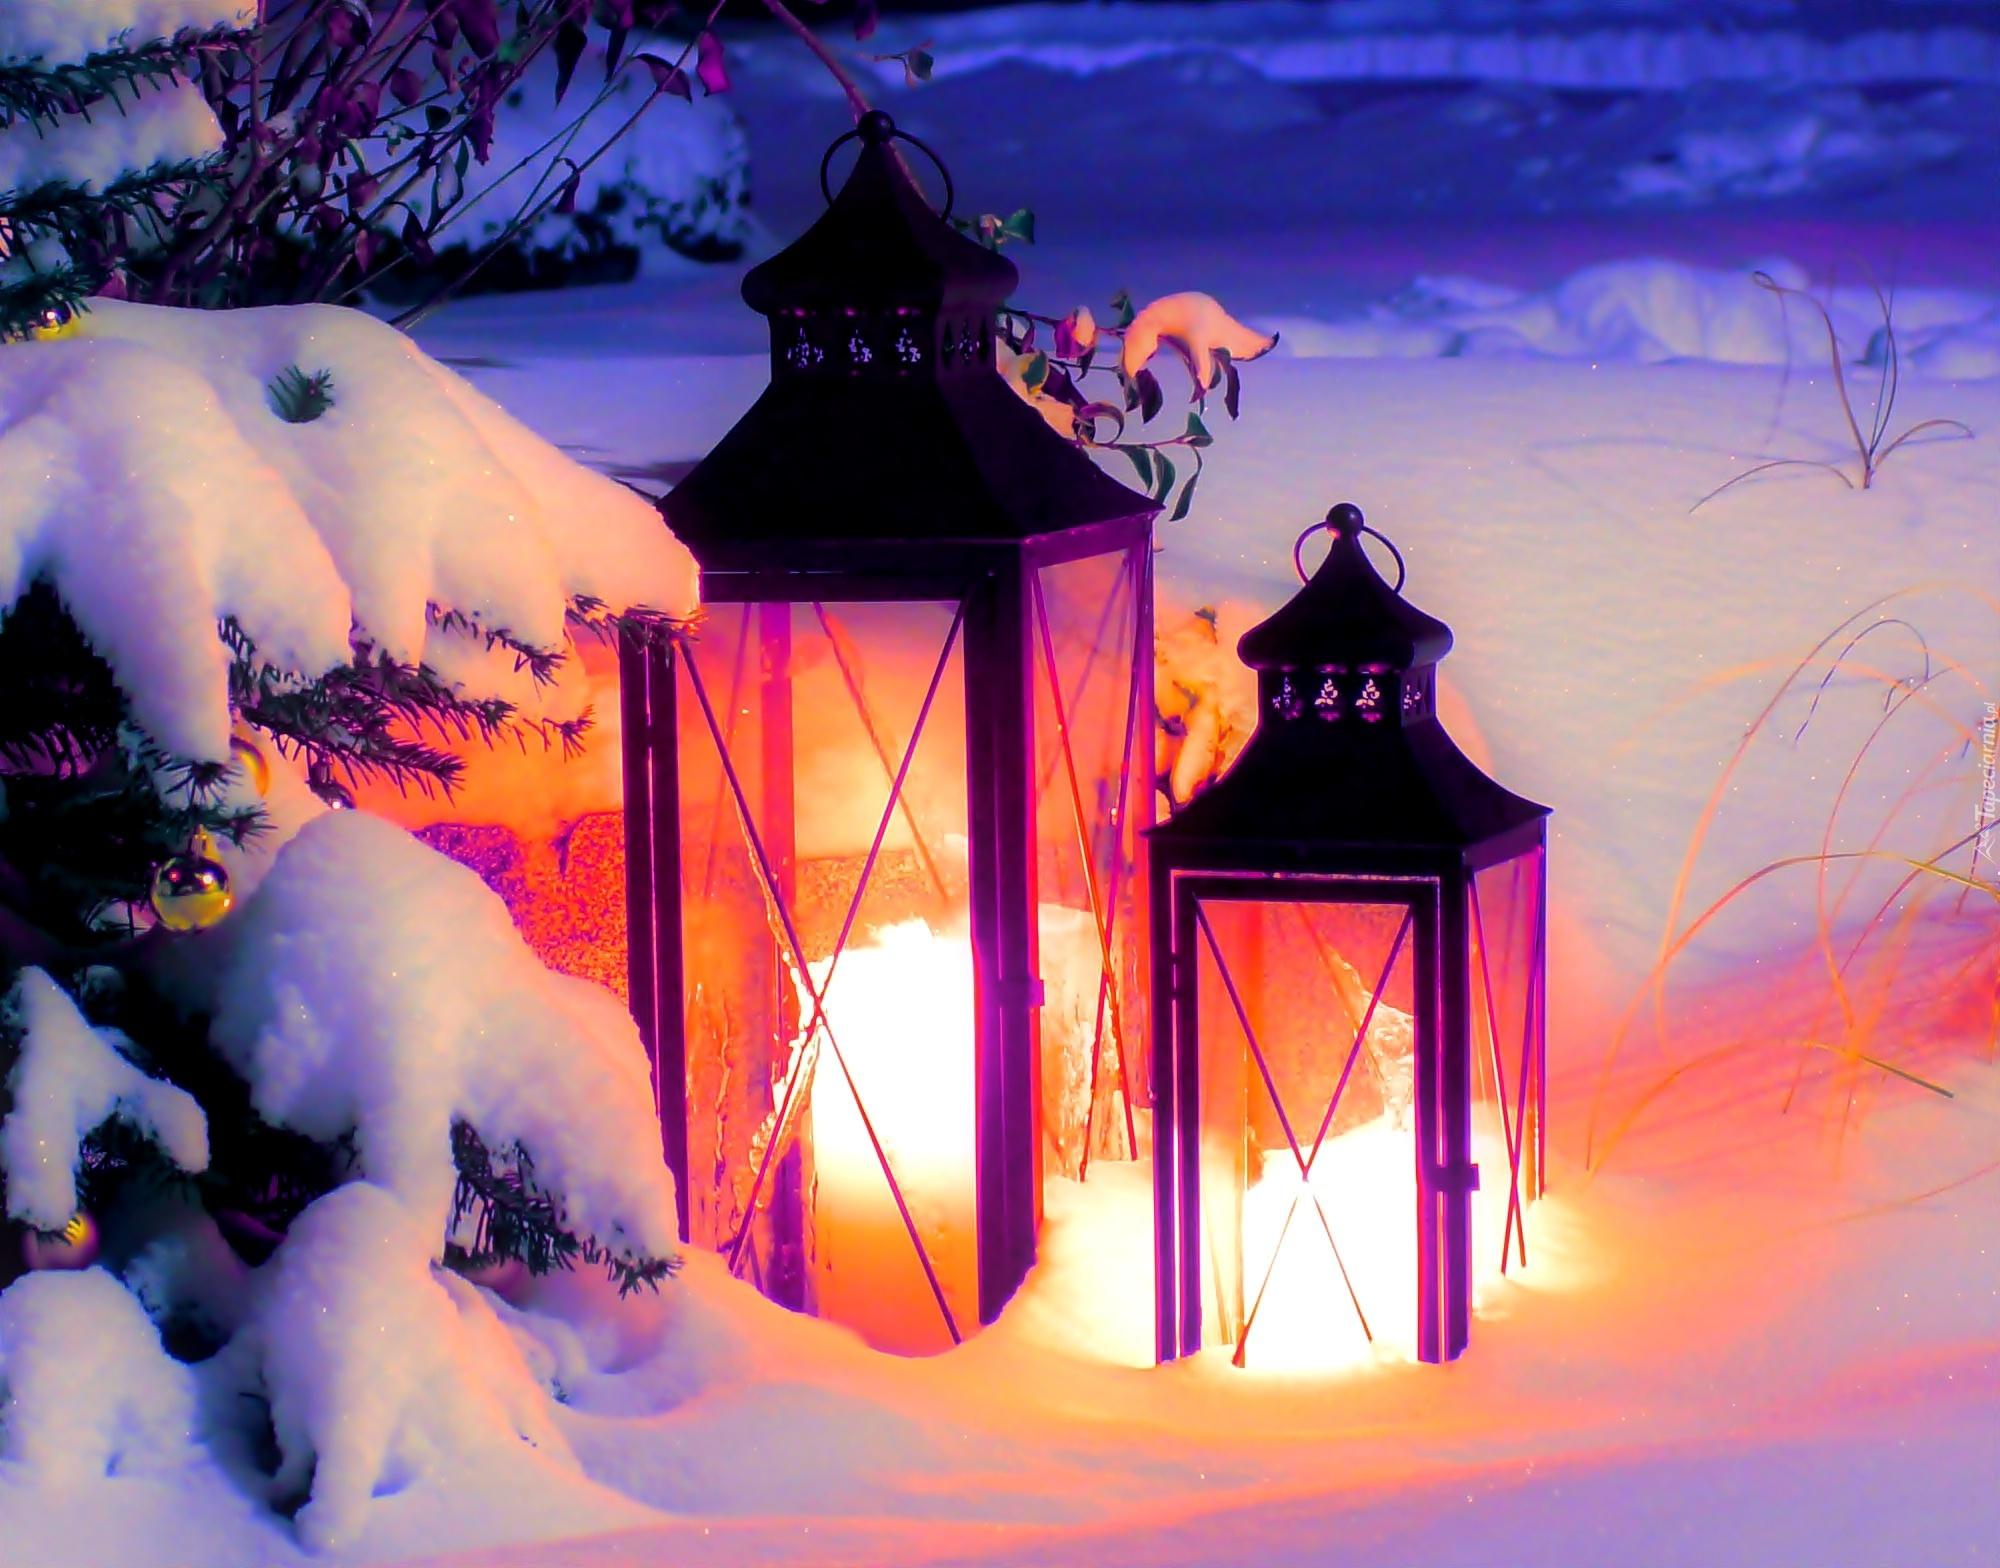 магазин несёт фонарь снег картинки представленном